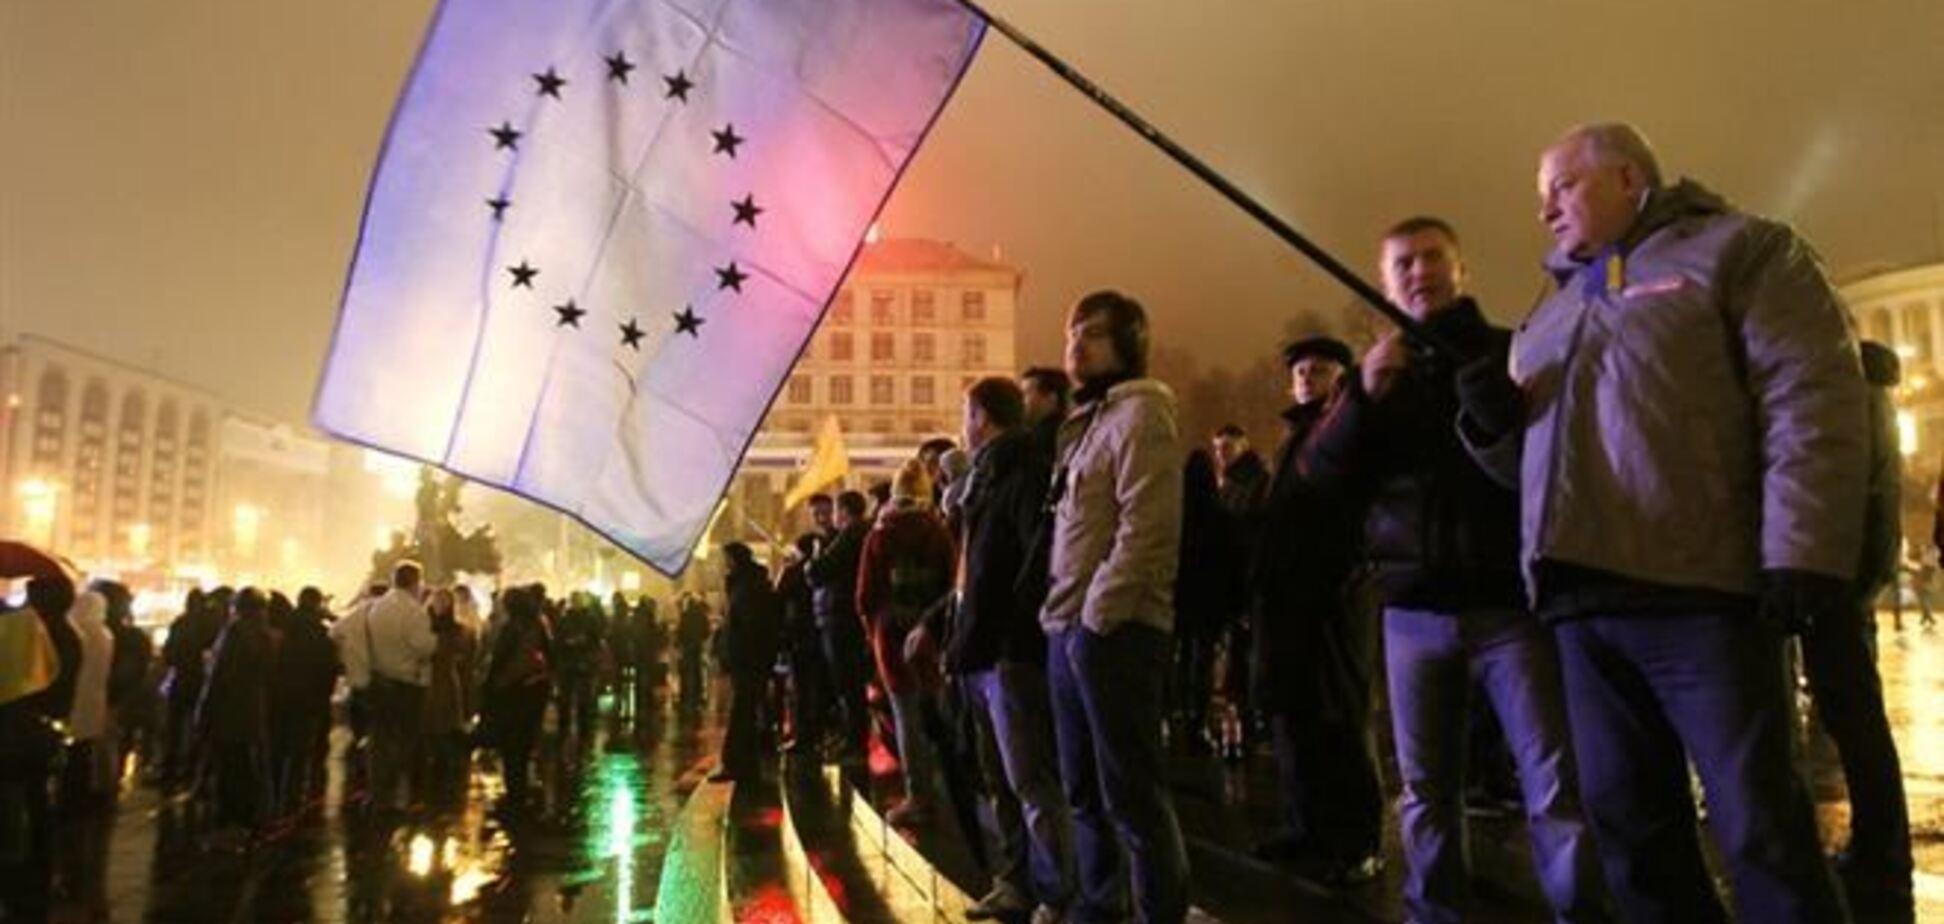 МИД Польши и ФРГ поддержали Евромайданы в Украине